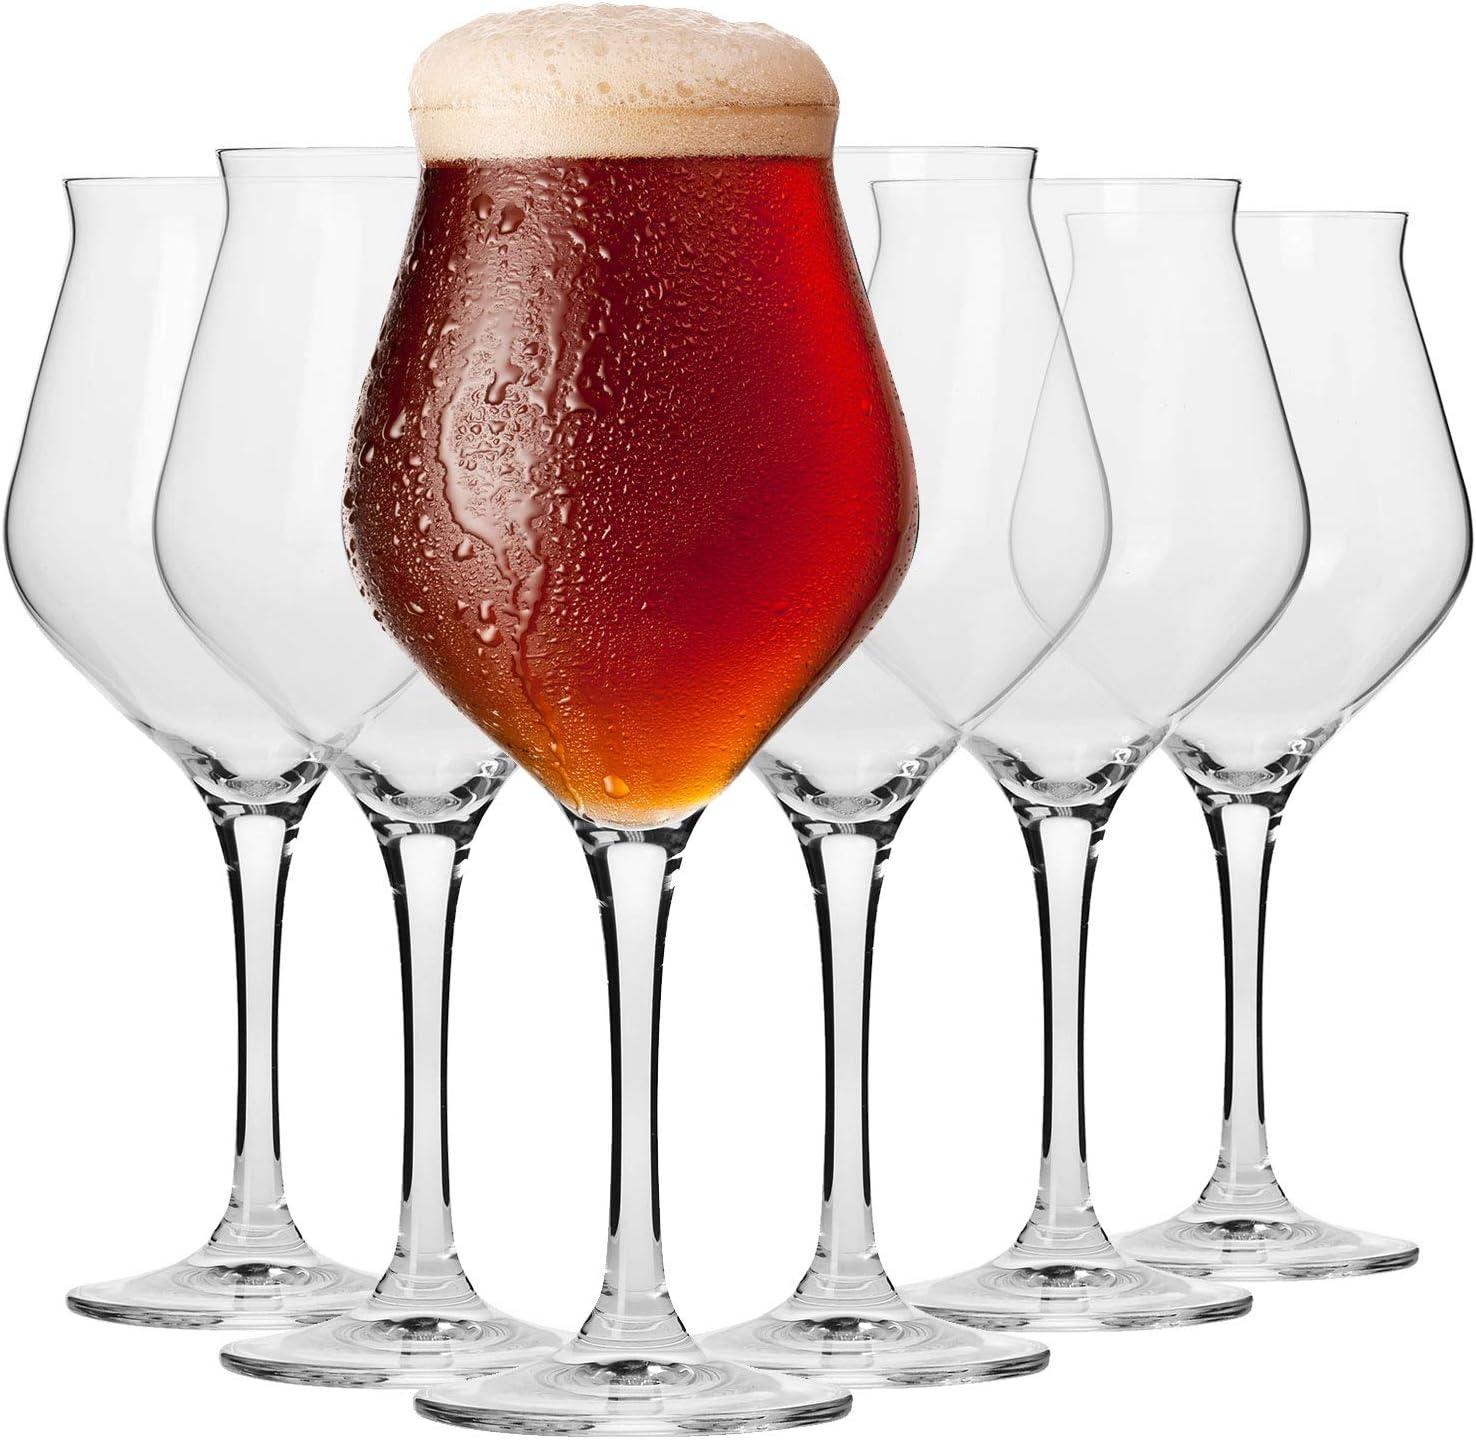 Krosno Copas de Cerveza   Conjunto 6 Piezas   420 ML   Avant-Garde Collection Uso en Casa, Restaurante y en Fiestas   Apto para Microondas y Lavavajillas